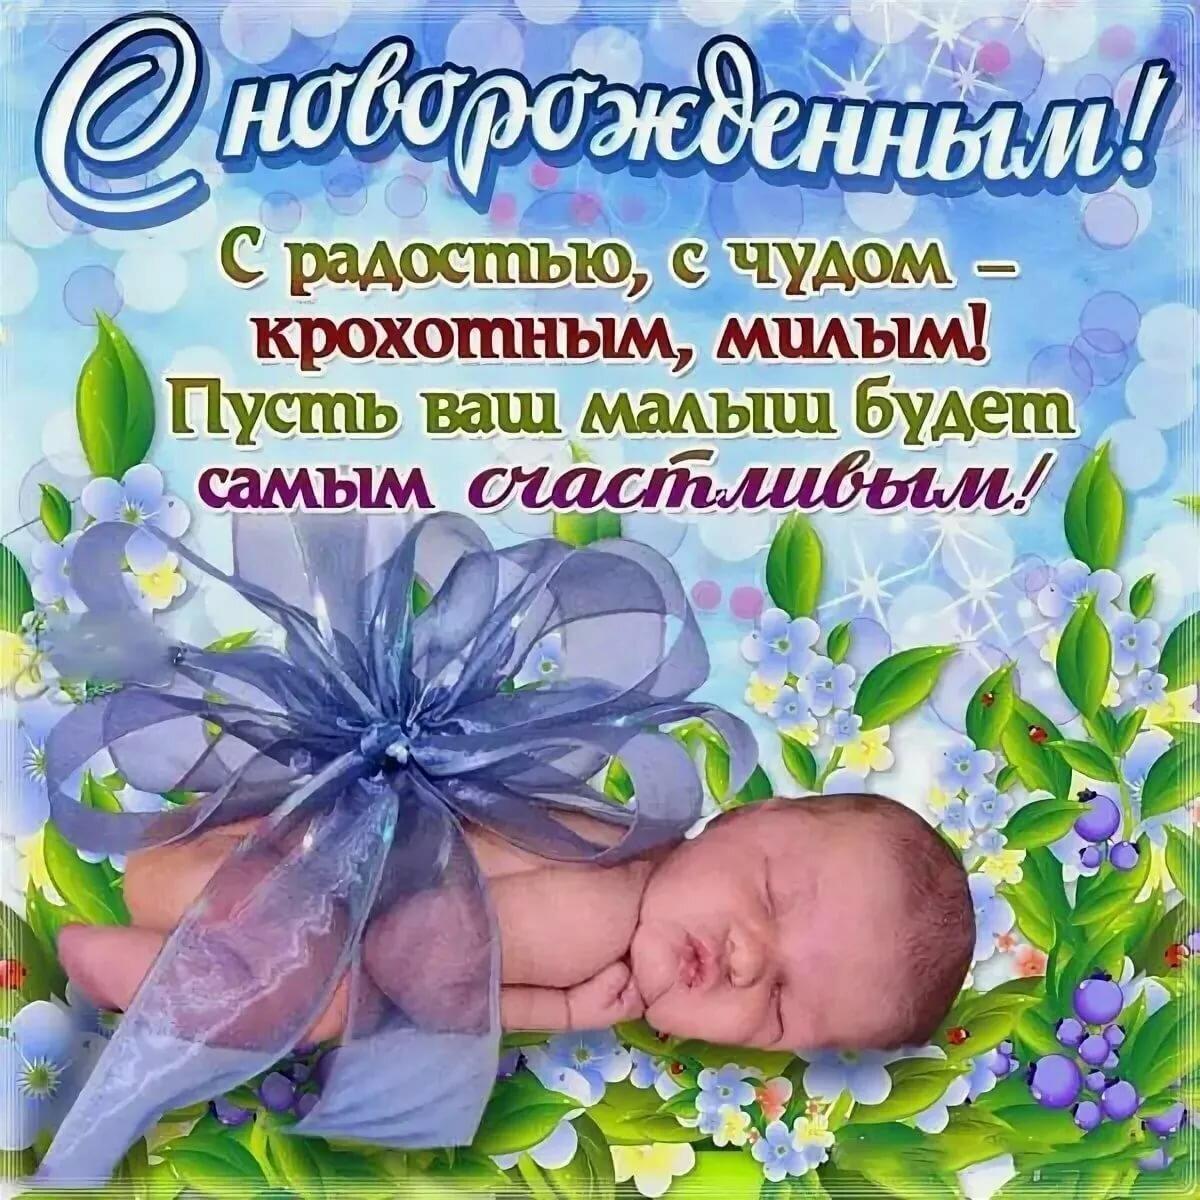 Поздравление в картинках с новорожденным, чешском